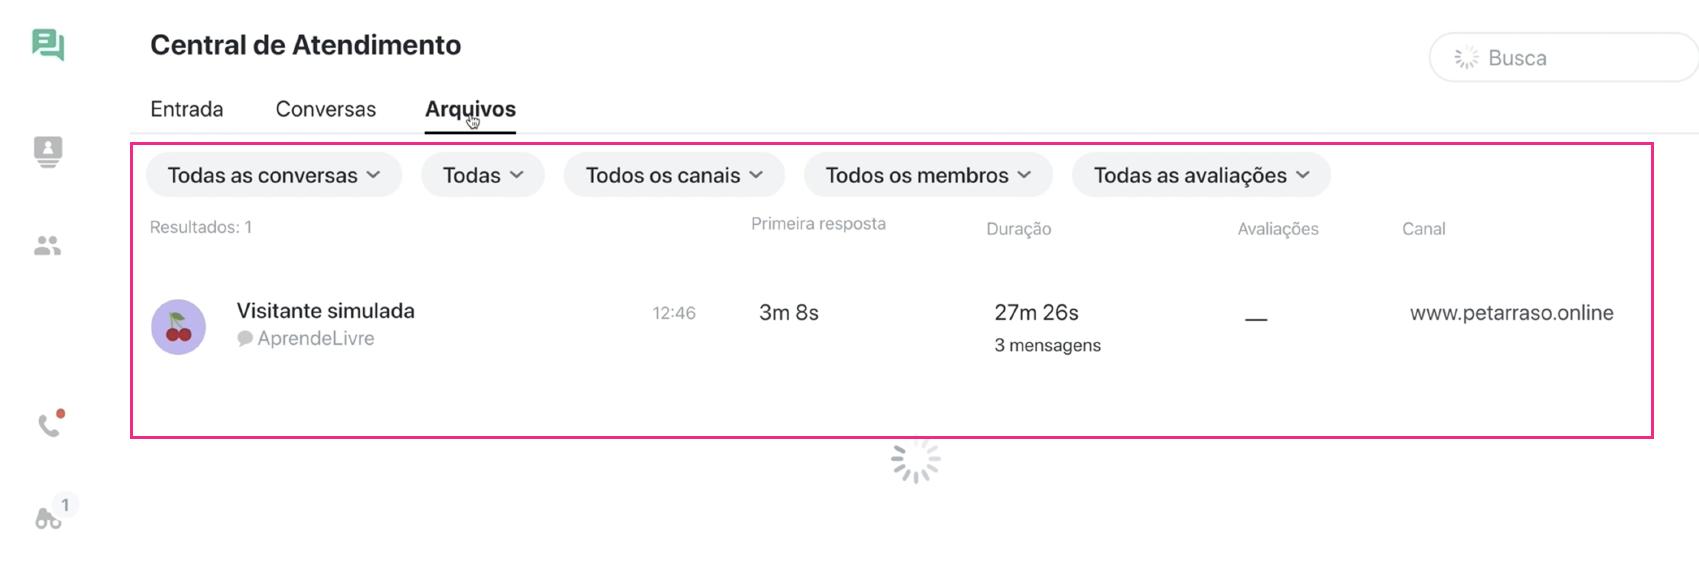 imagem21 como instalar o jivochat grátis na sua loja integrada